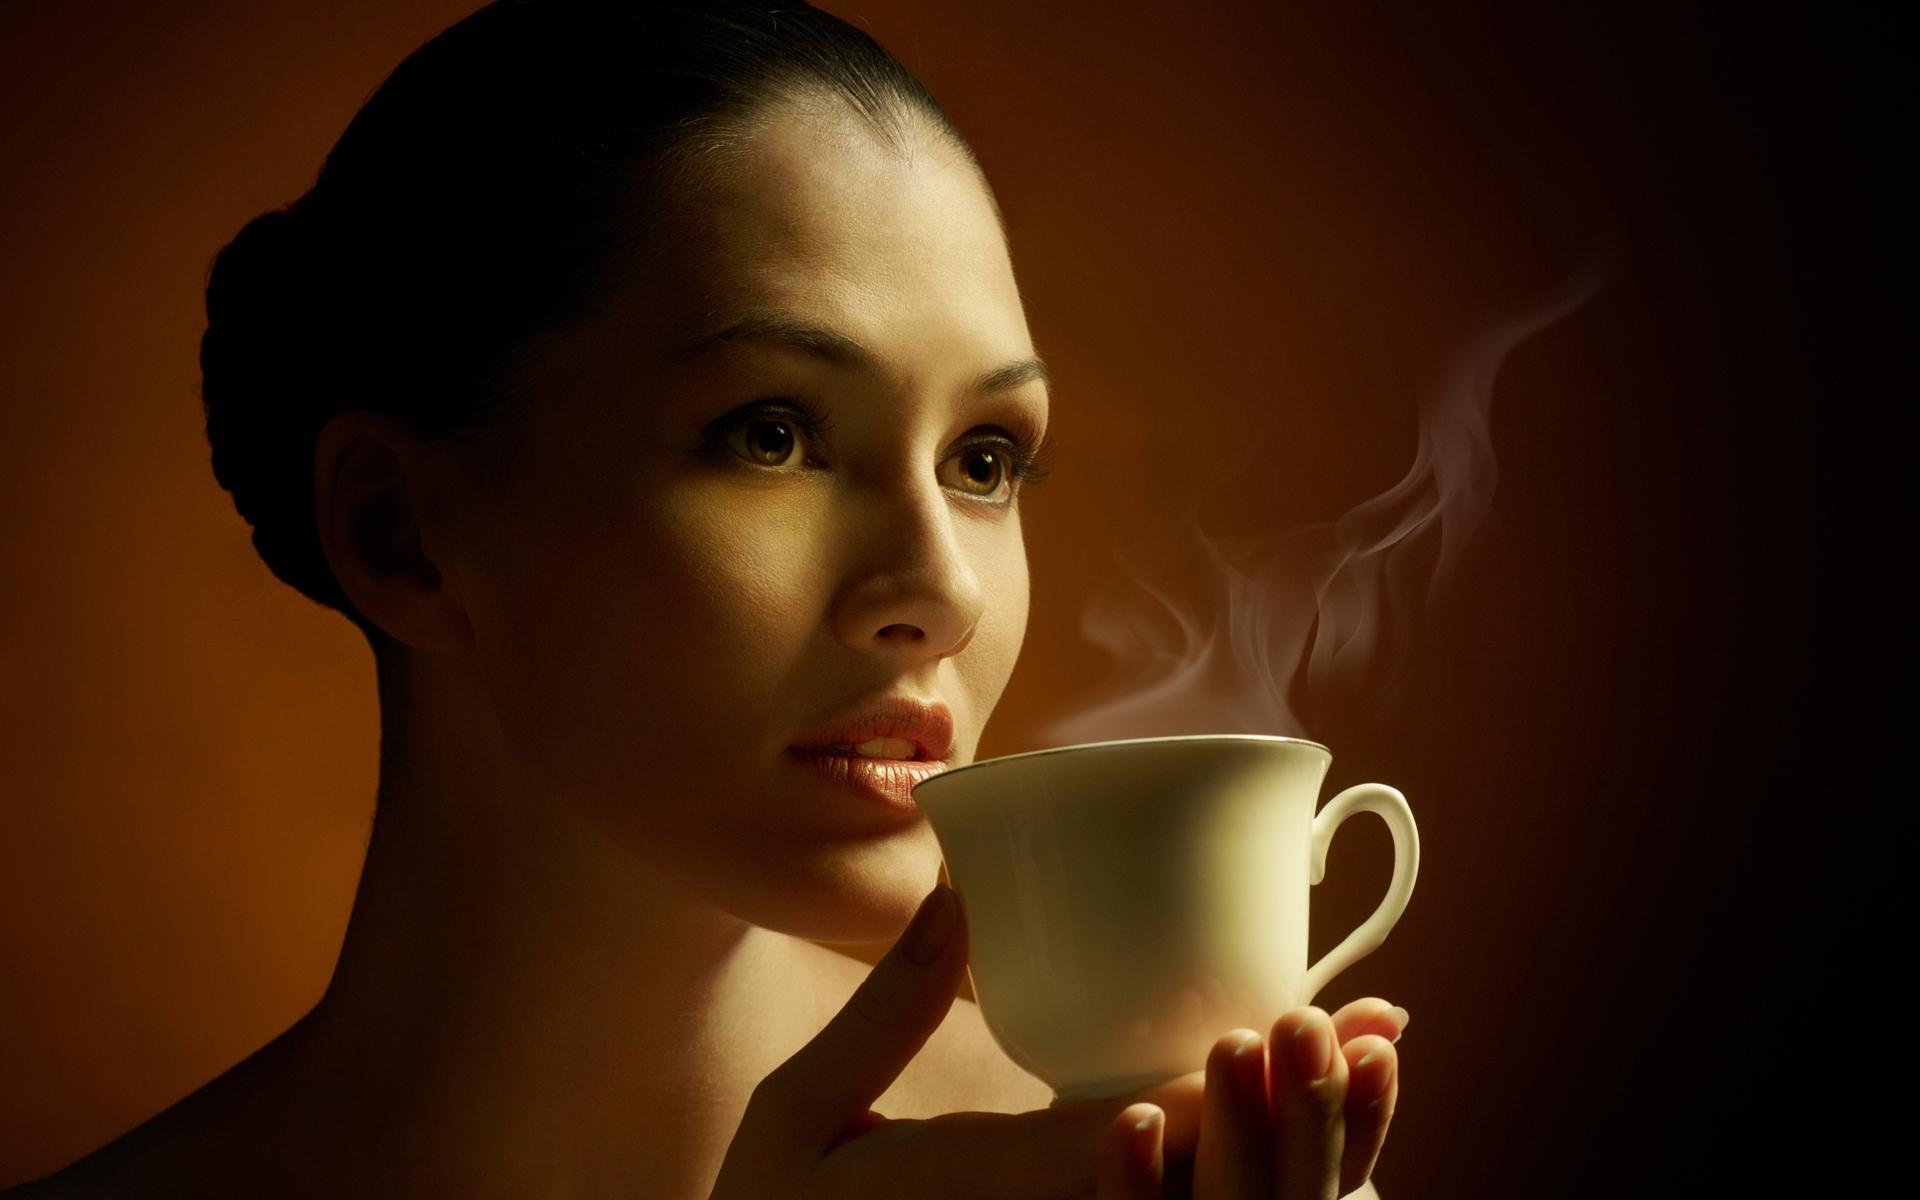 Фото кофе и никотина для авы